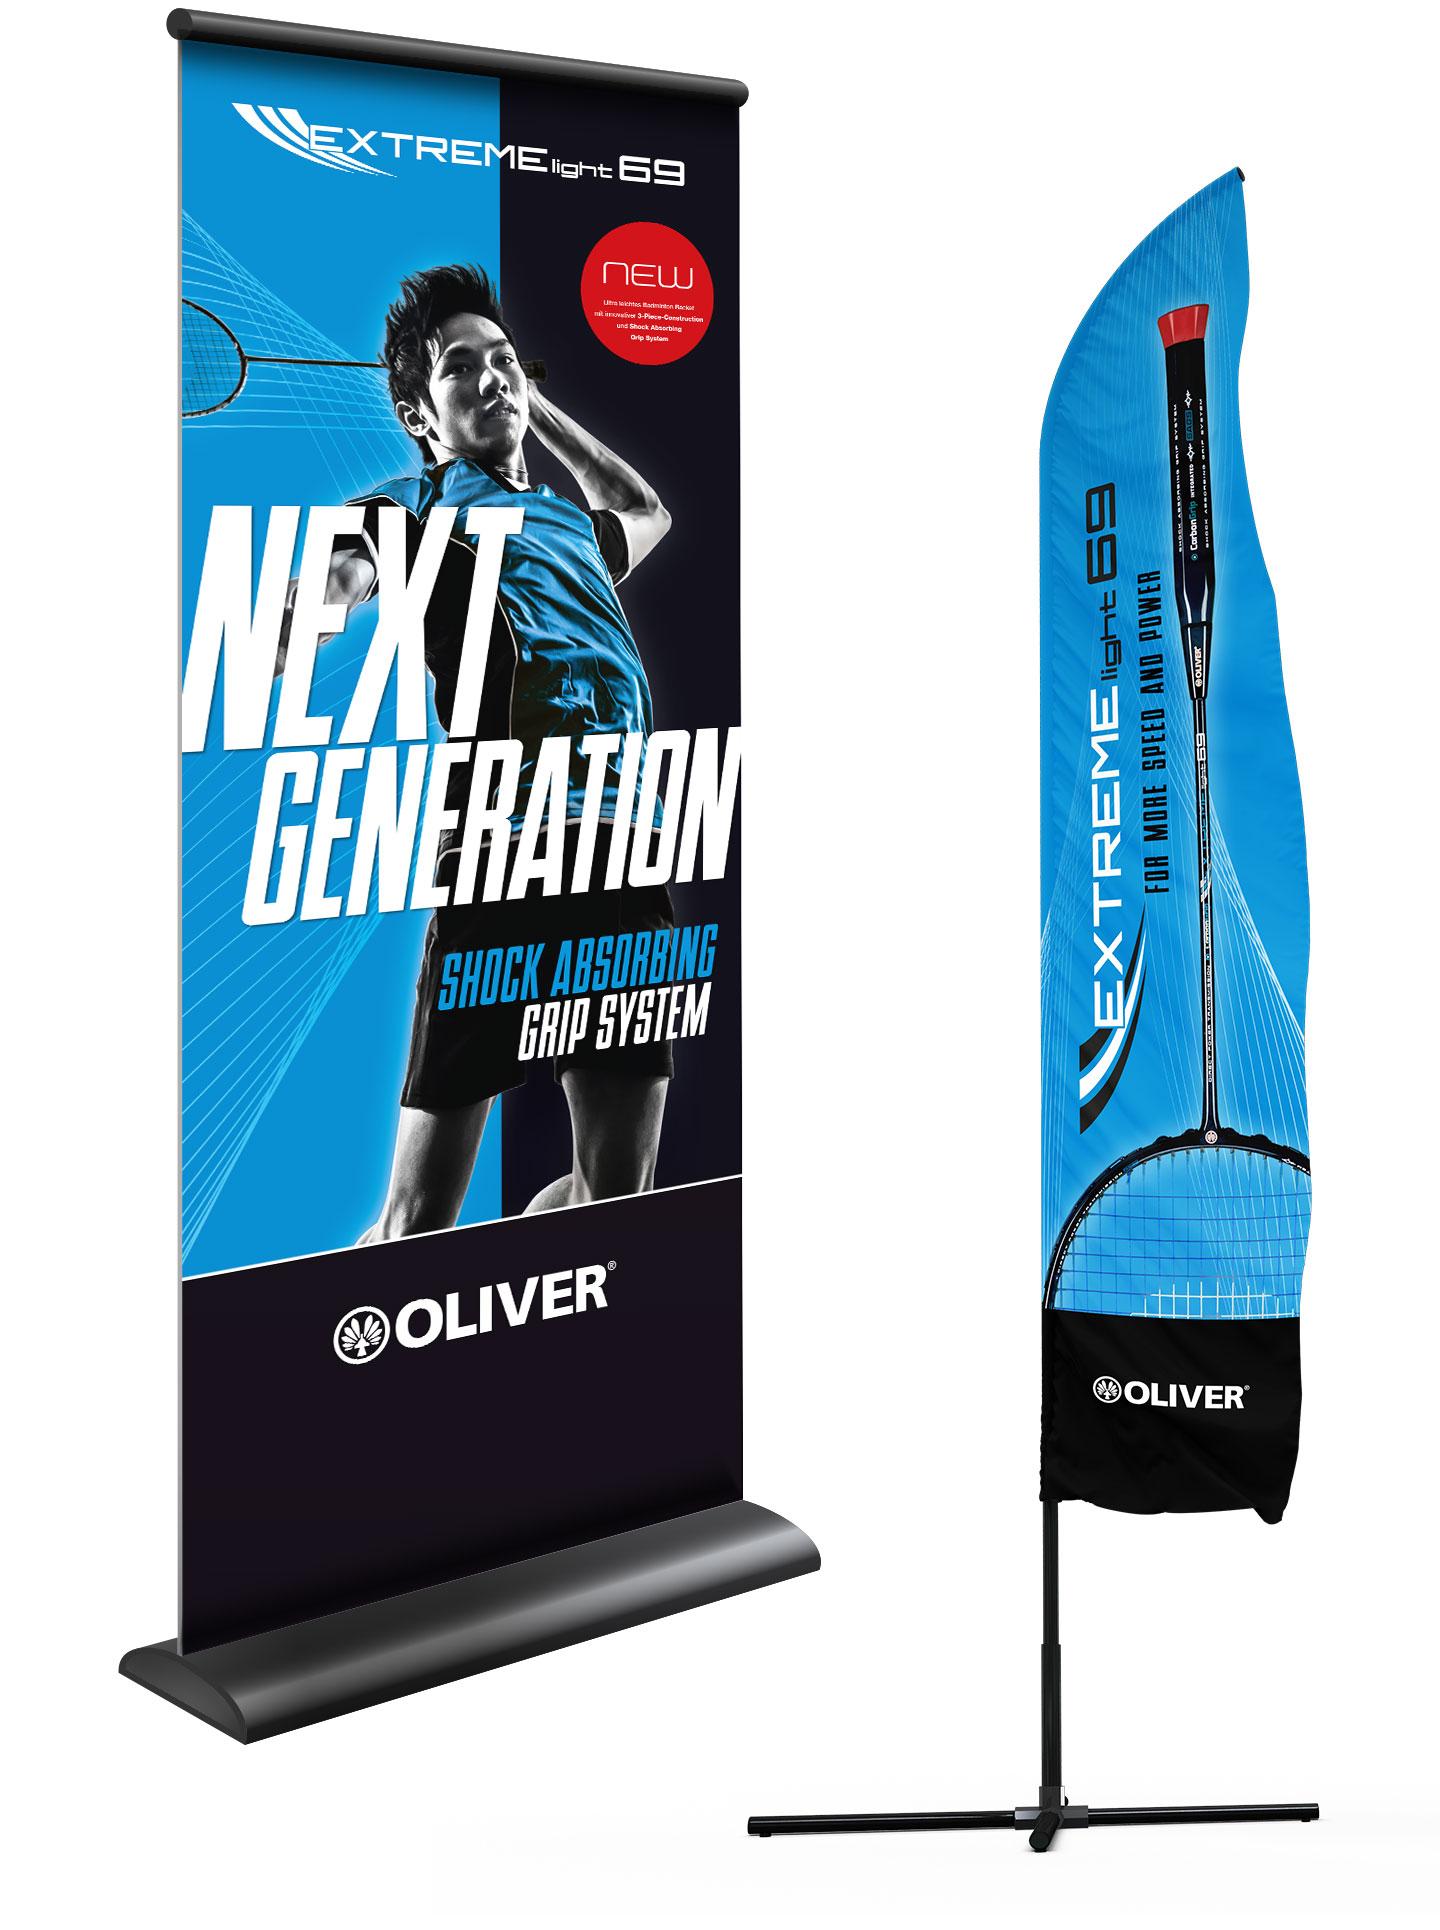 P12 Werbeagentur Heidelberg Referenz OLIVER Sport Badminton Racket Endverbraucher Rollup Beachflag